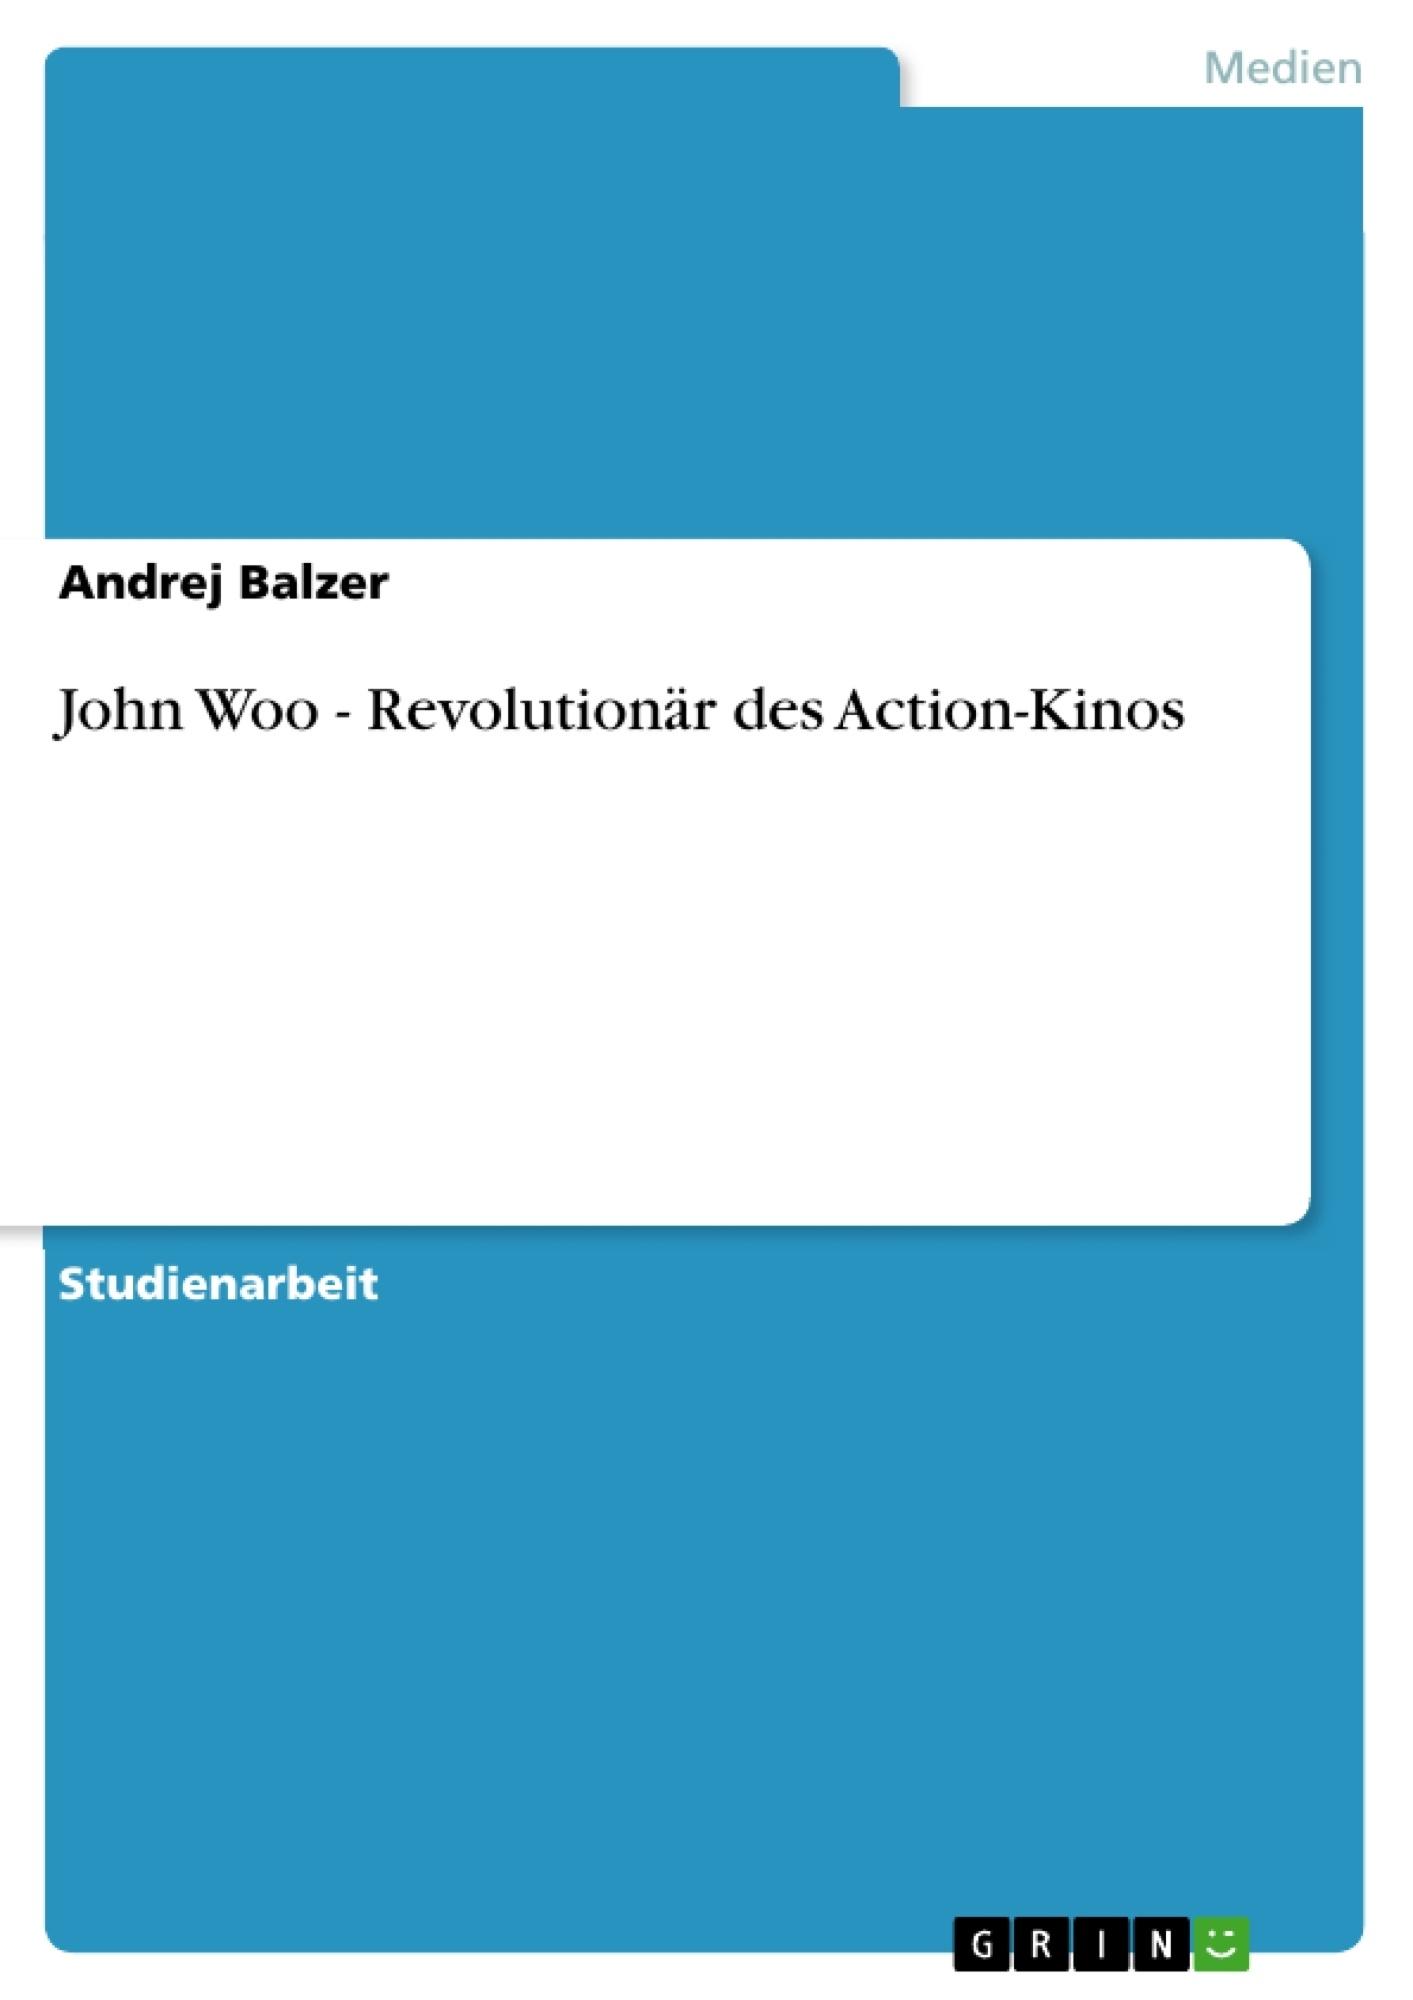 Titel: John Woo - Revolutionär des Action-Kinos